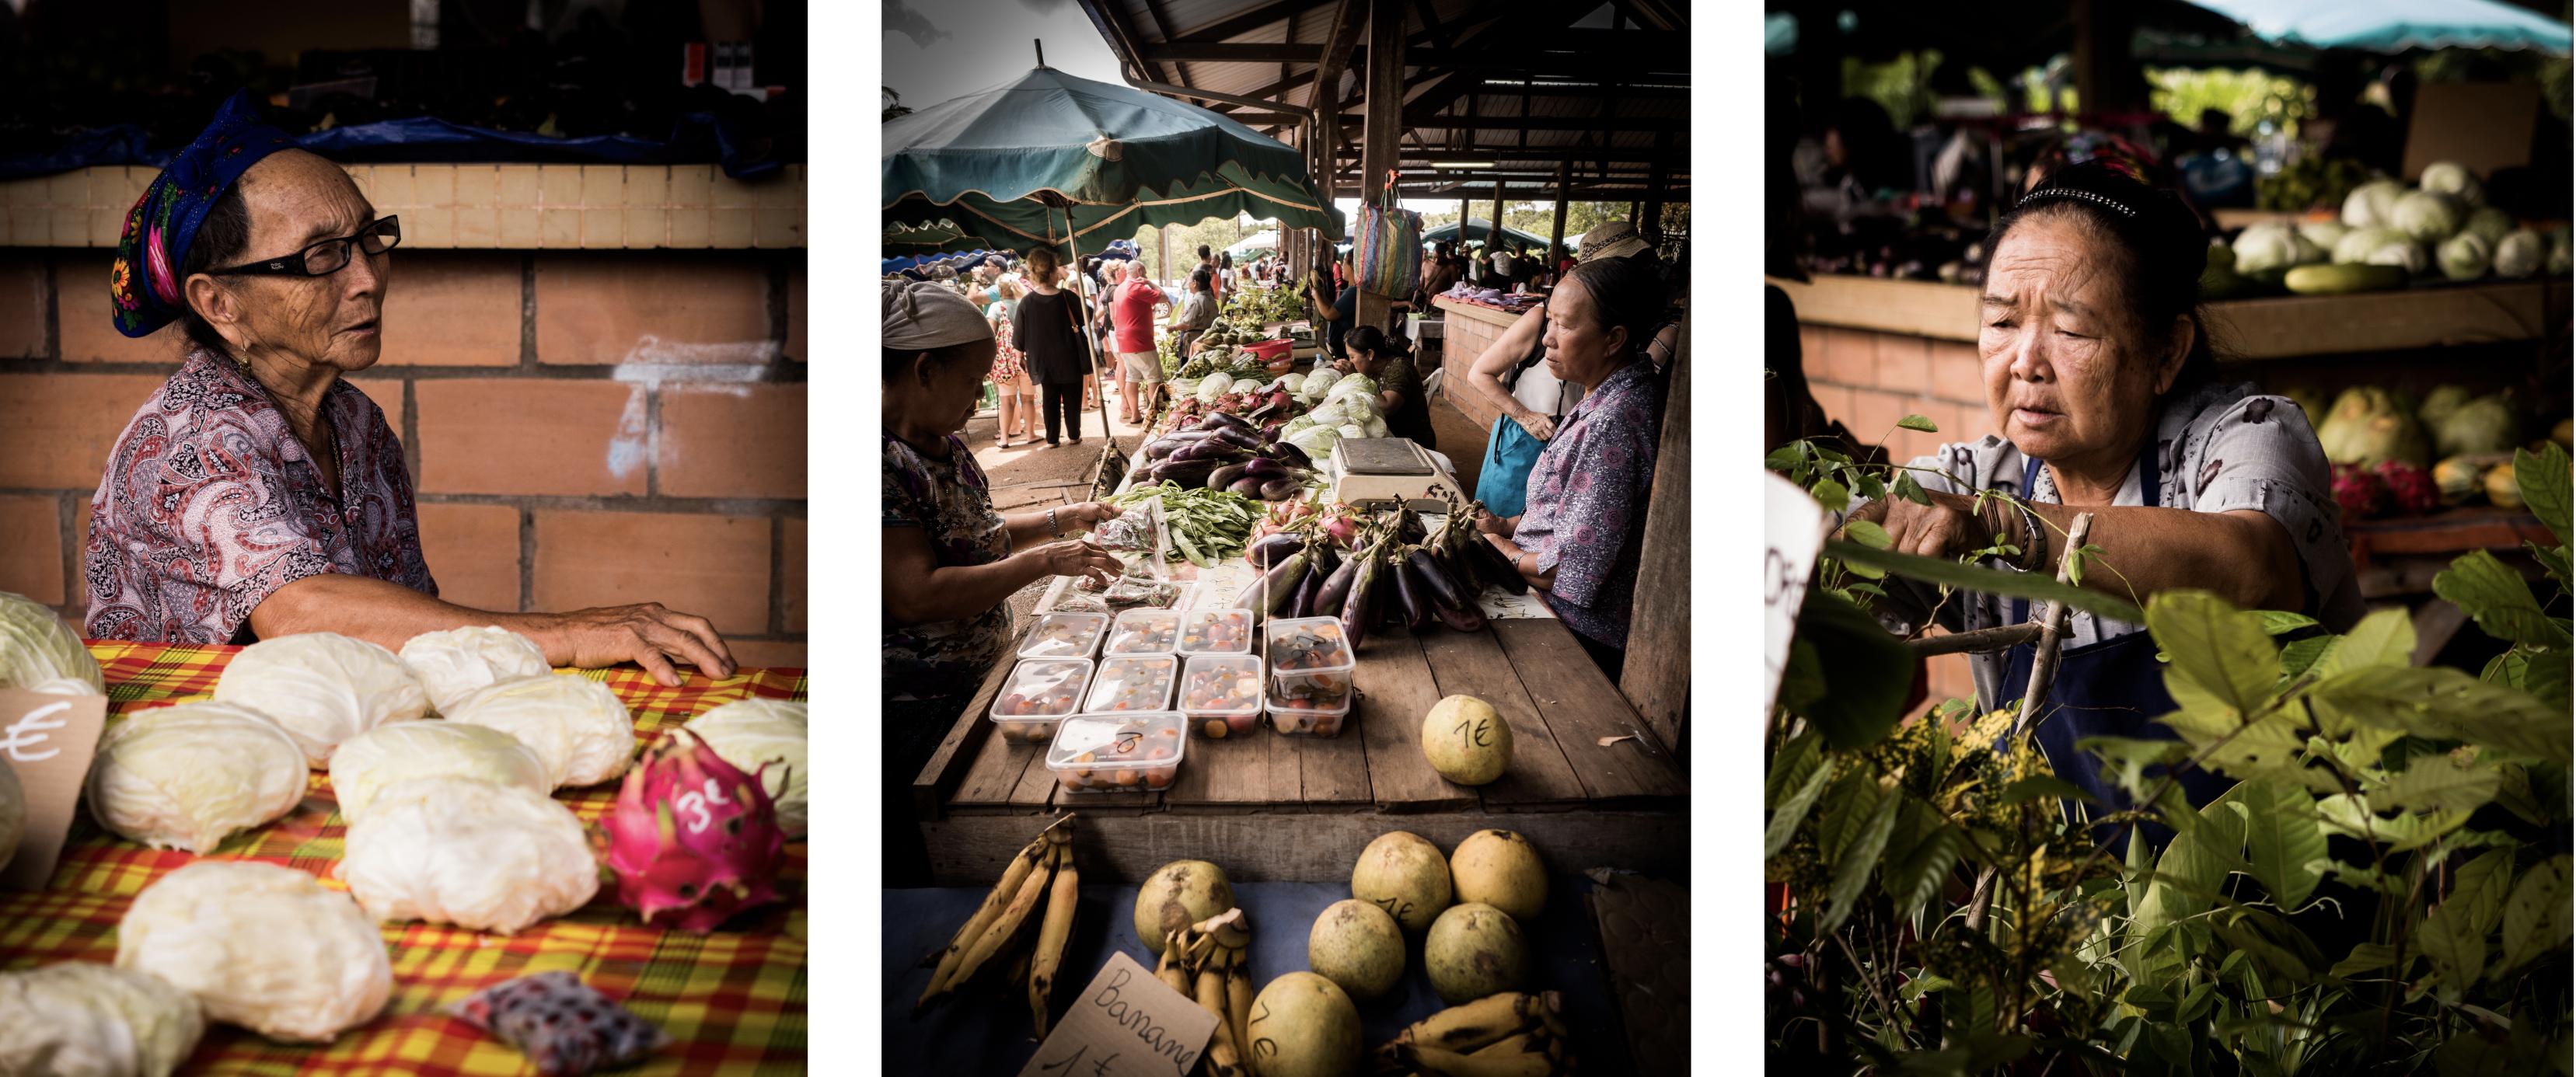 découvrir la Guyane - communauté asiatique en Guyane - village Hmong en Guyane - dimanche à cacao - marché Hmong